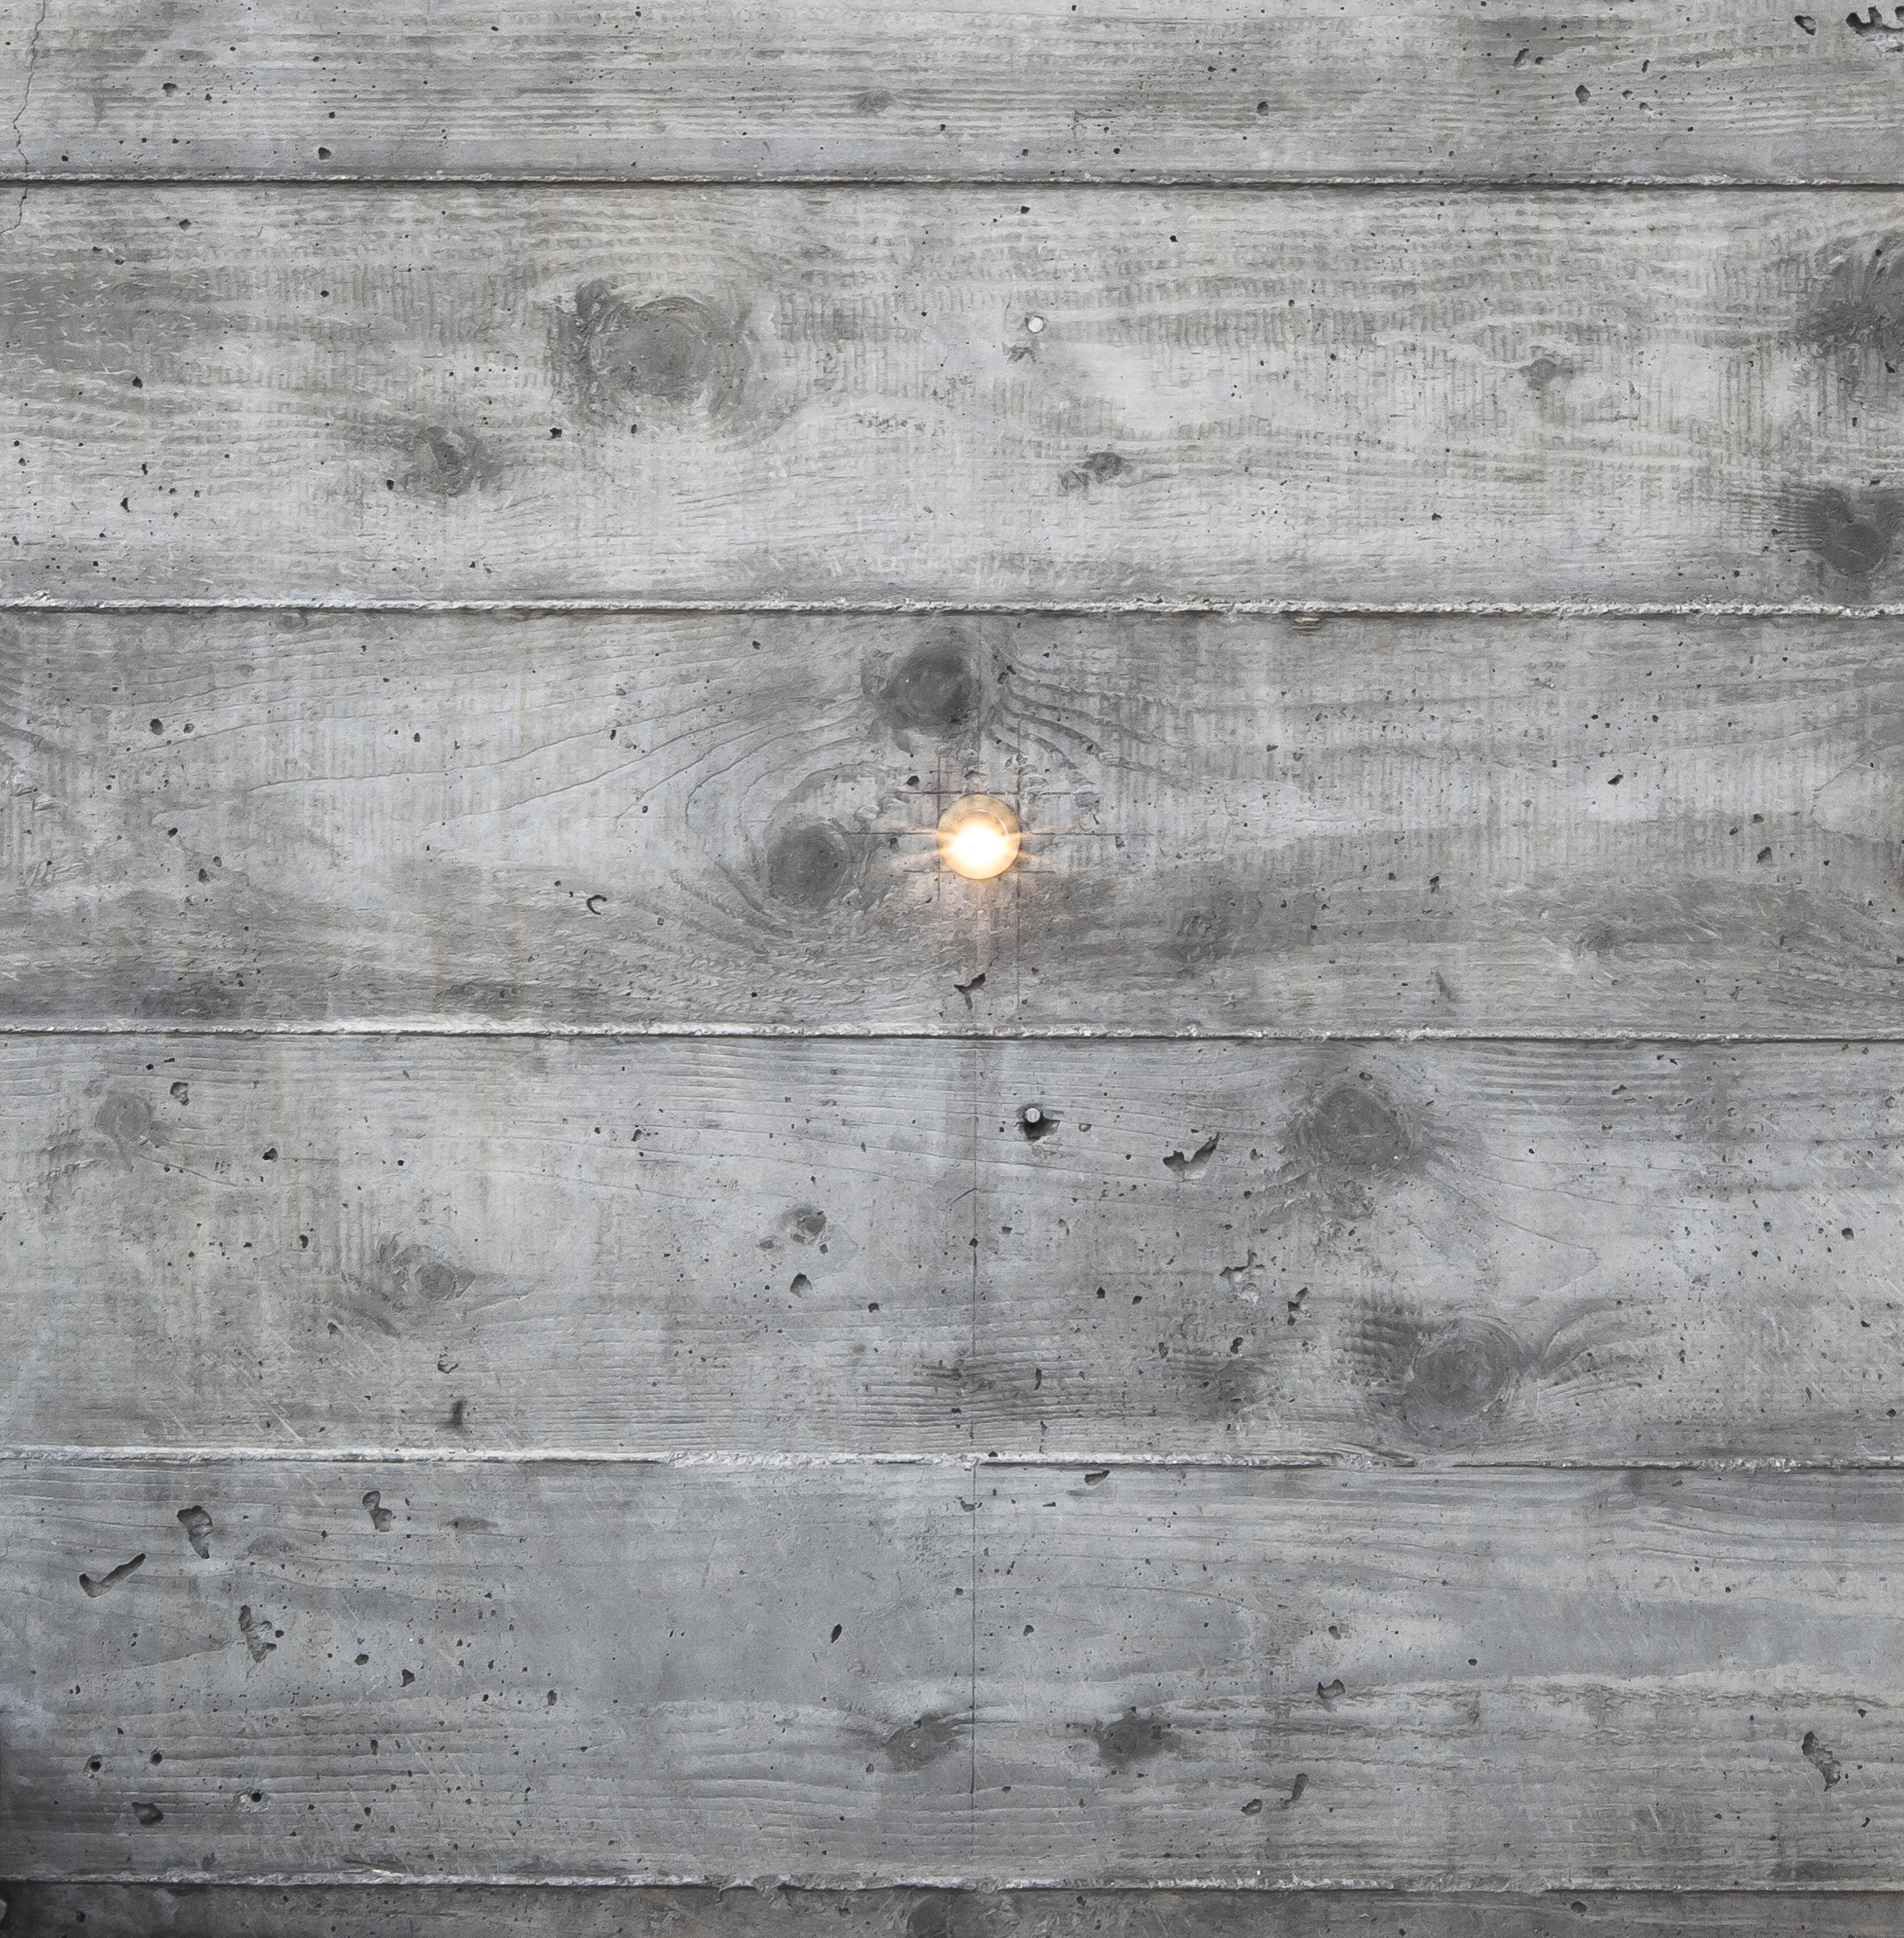 Wall Concrete Wall : Table to farm cj paone aia ventura ca architect